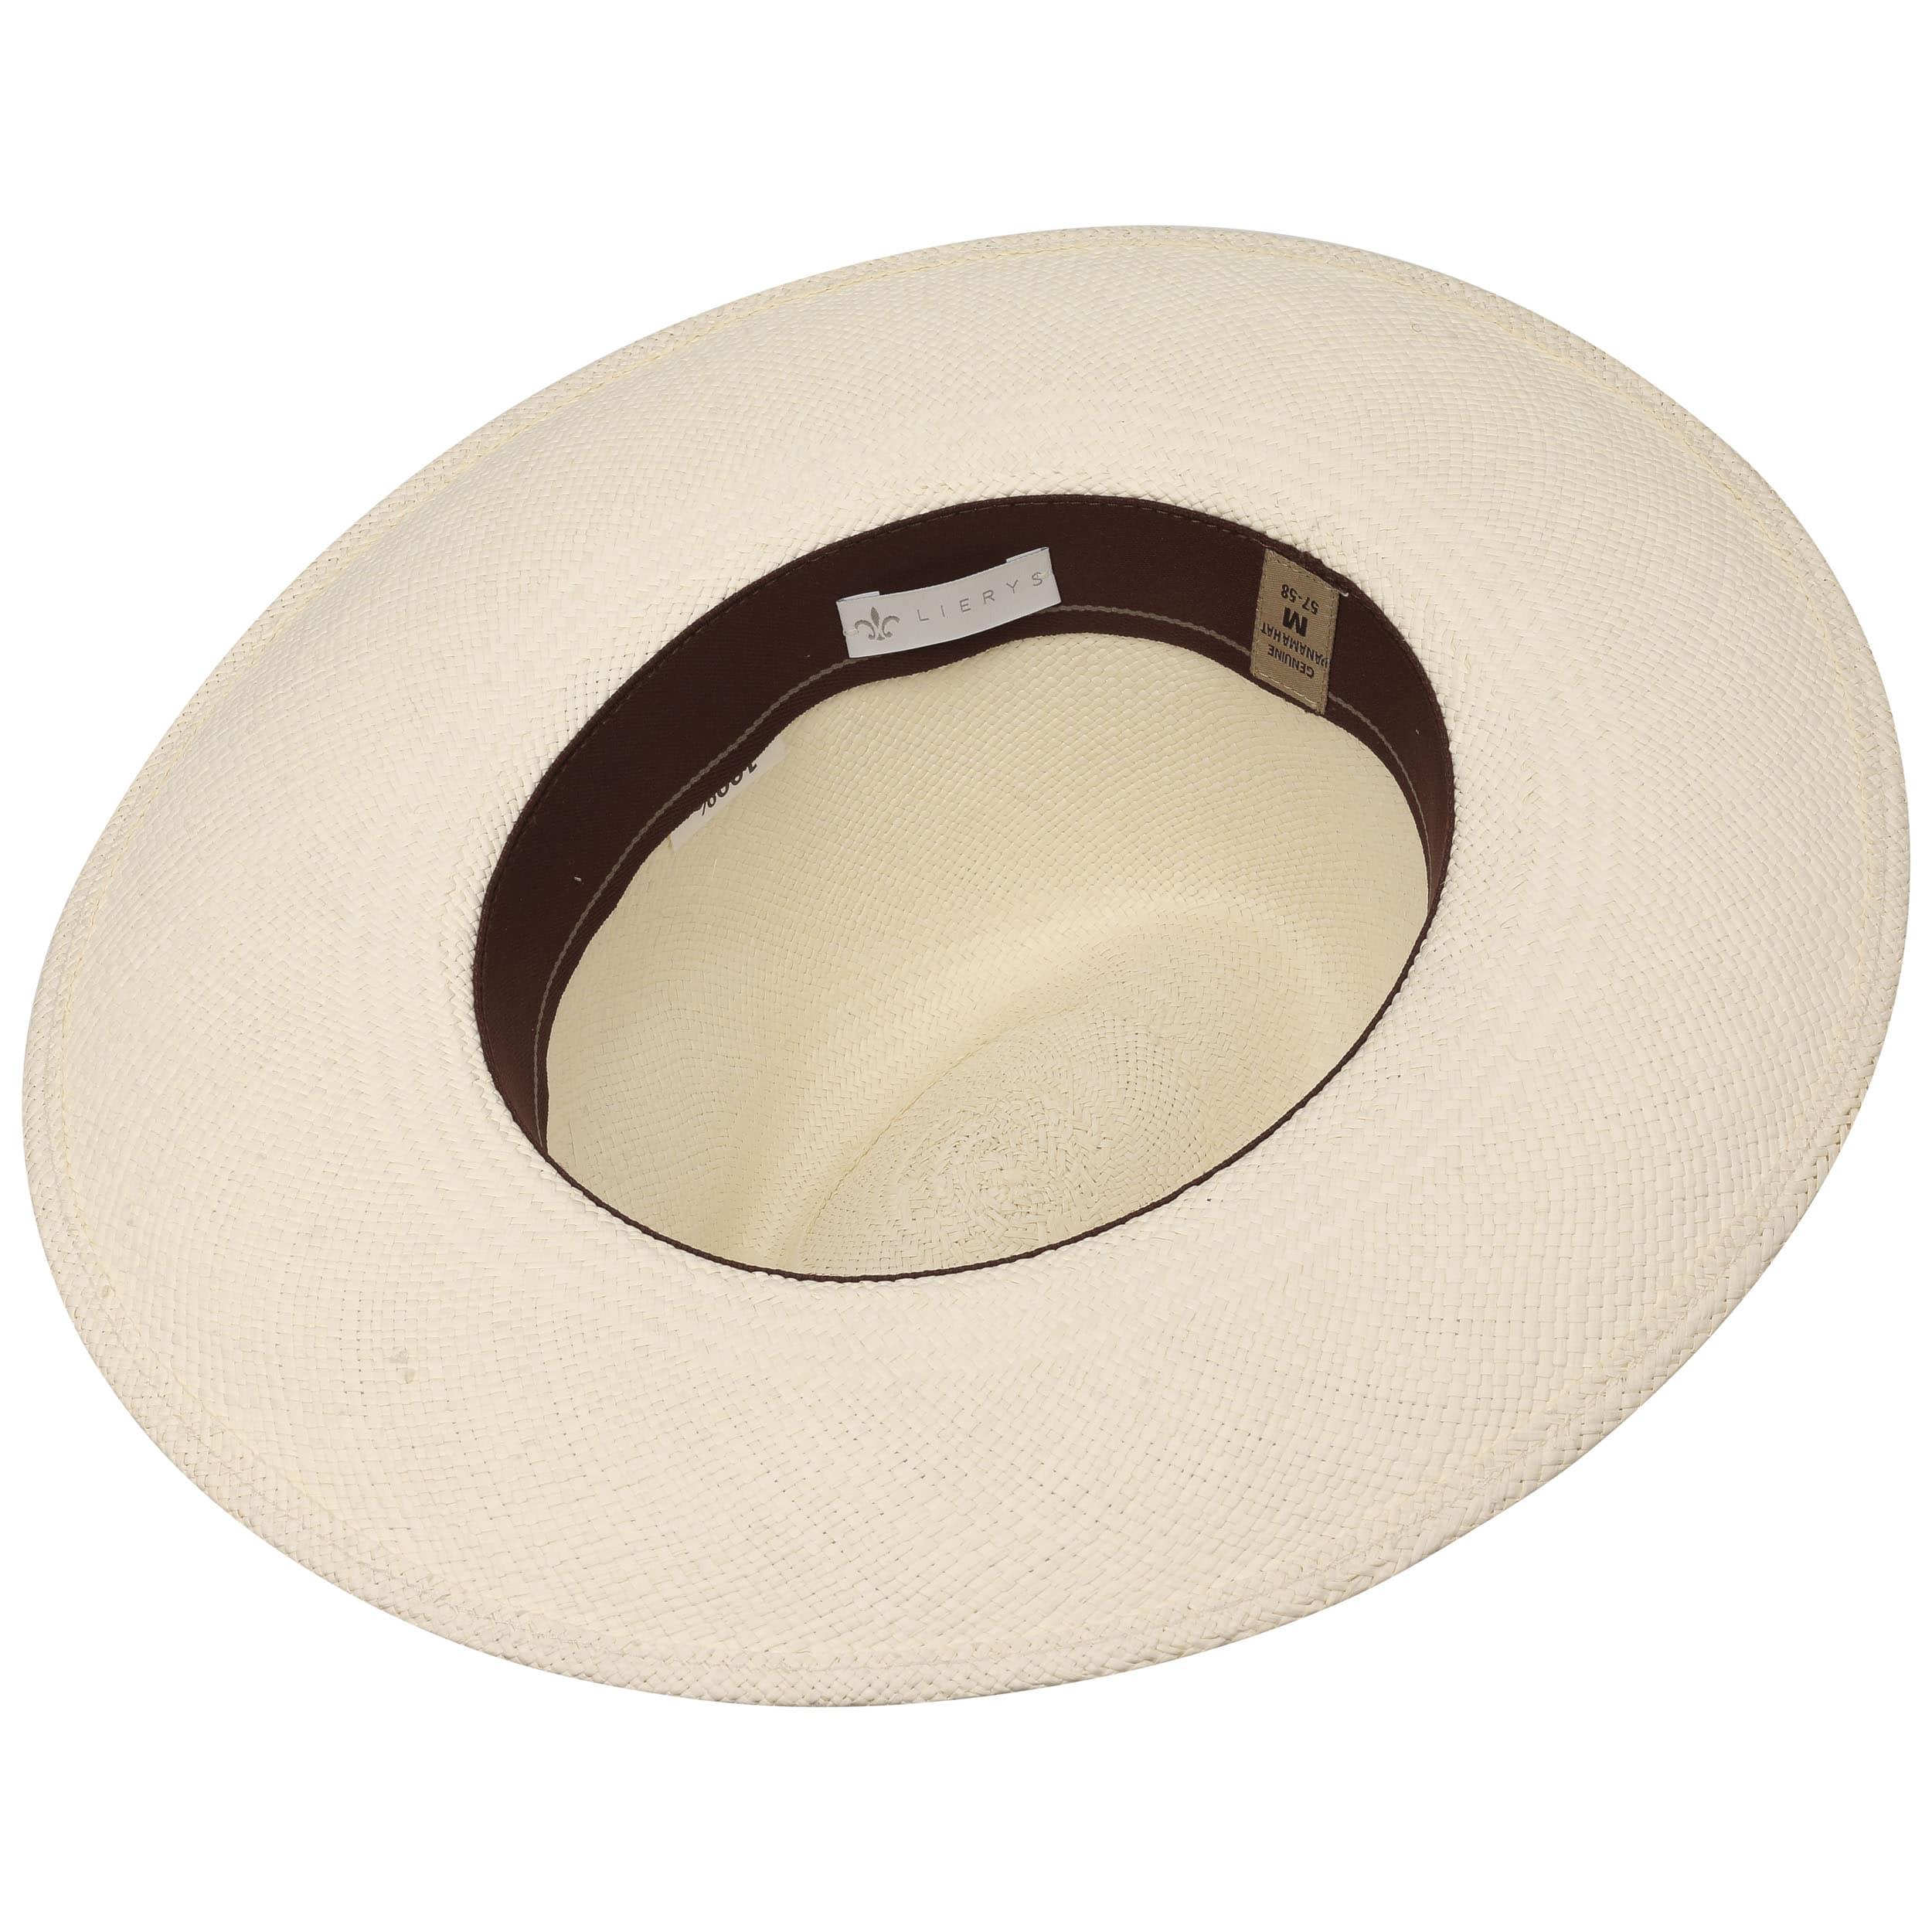 e50f426193a ... Big Brim Stripes Panama Hat by Lierys - white 2 ...